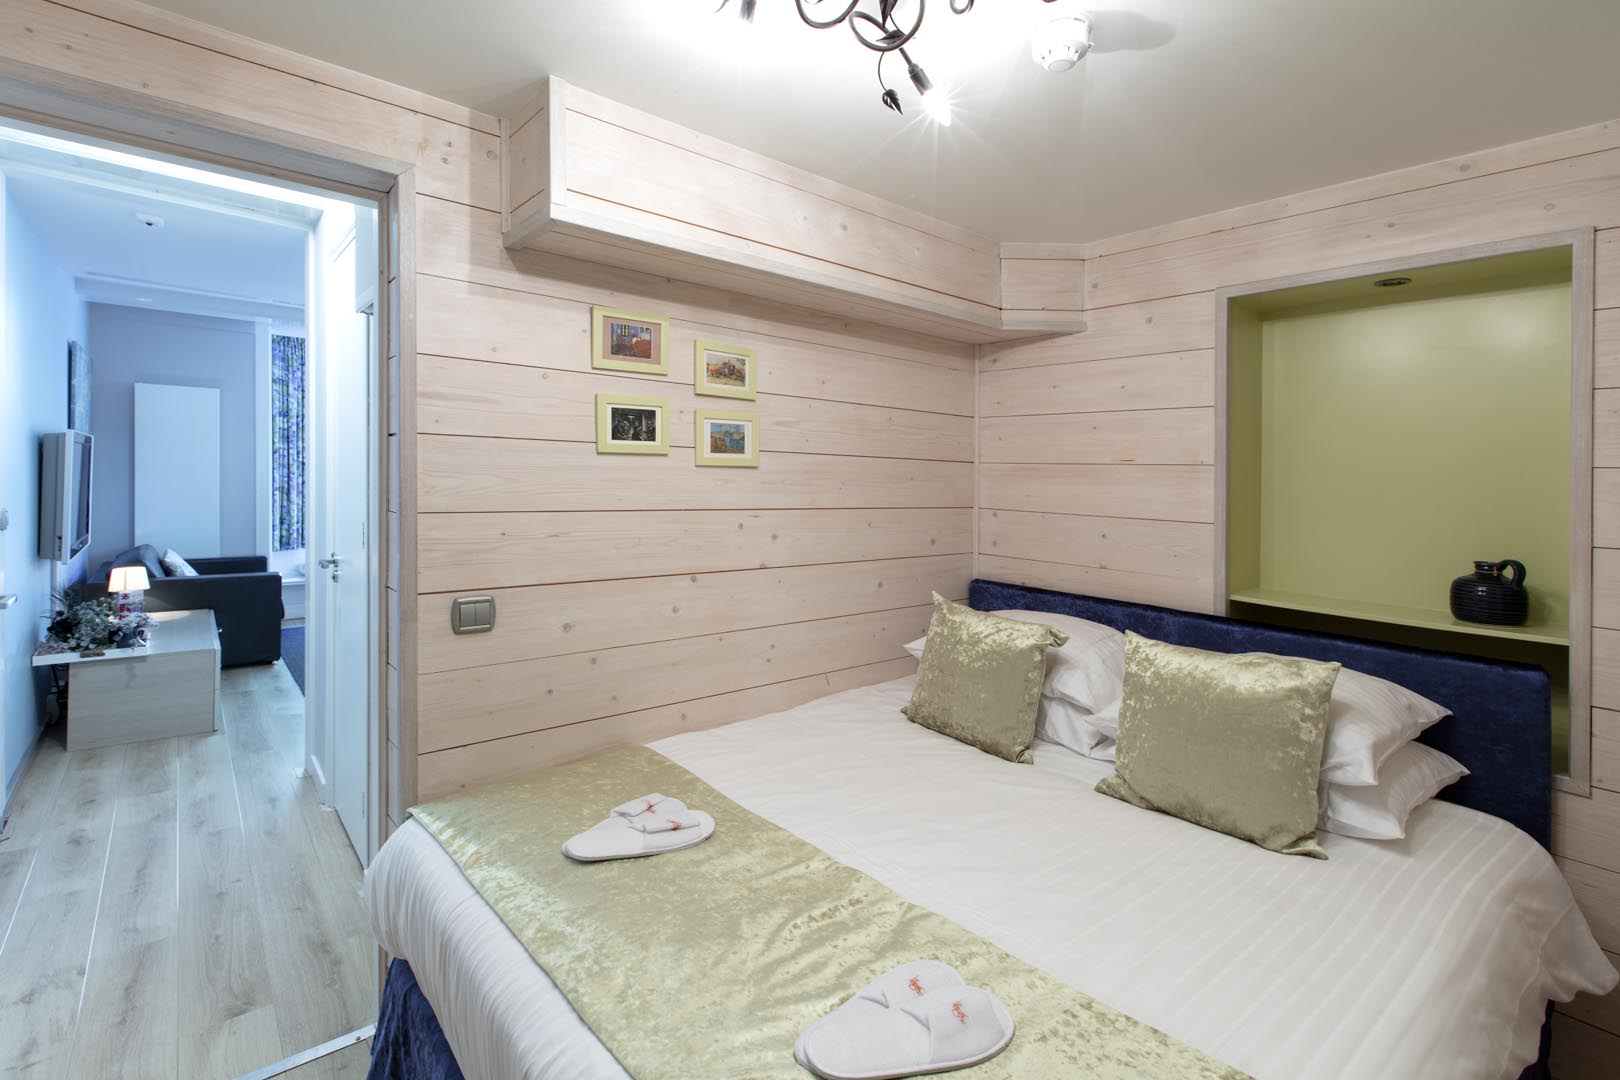 2017-07-06 DMA-Vincent van Gogh-Bedroom-Michael van Oosten-HR (1)